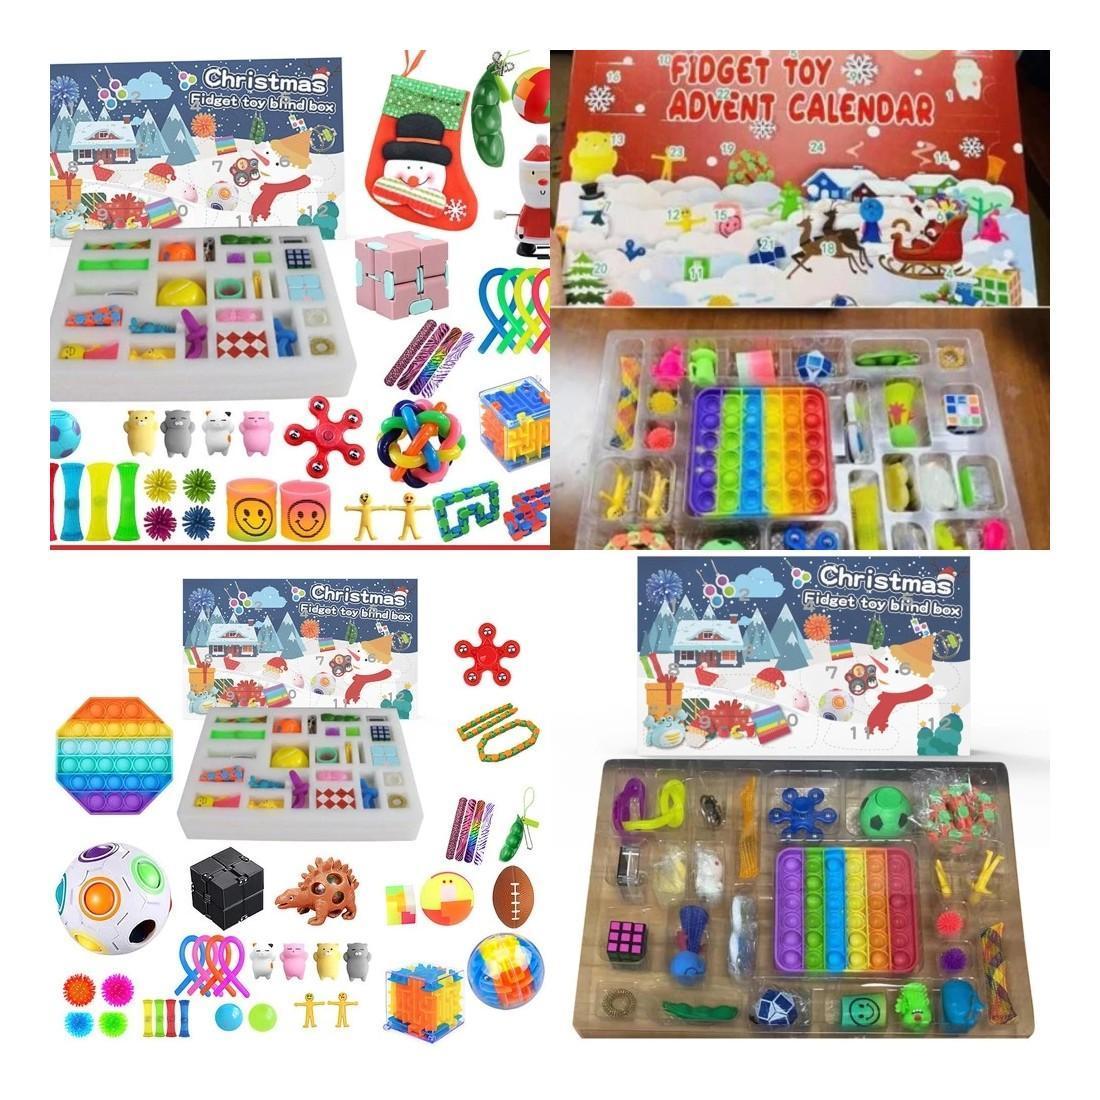 Consegna rapida Tiktok Favore Christmas Blind Box Avvento sensoriale calendari fidget giocattoli Bift regalo di Natale per bambini Bambini Push Bubble Autism